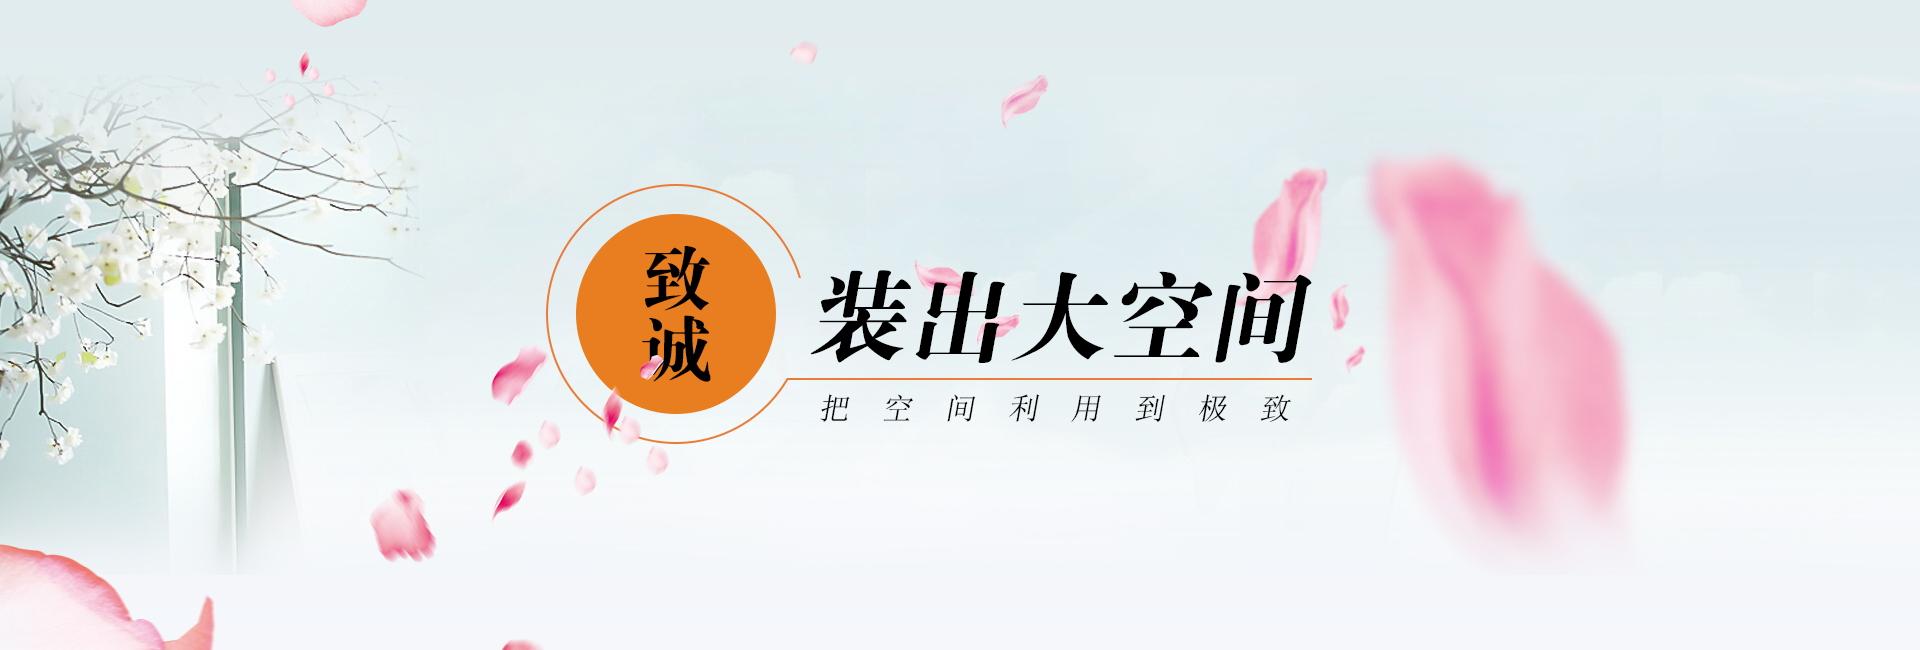 广州门店装修设计